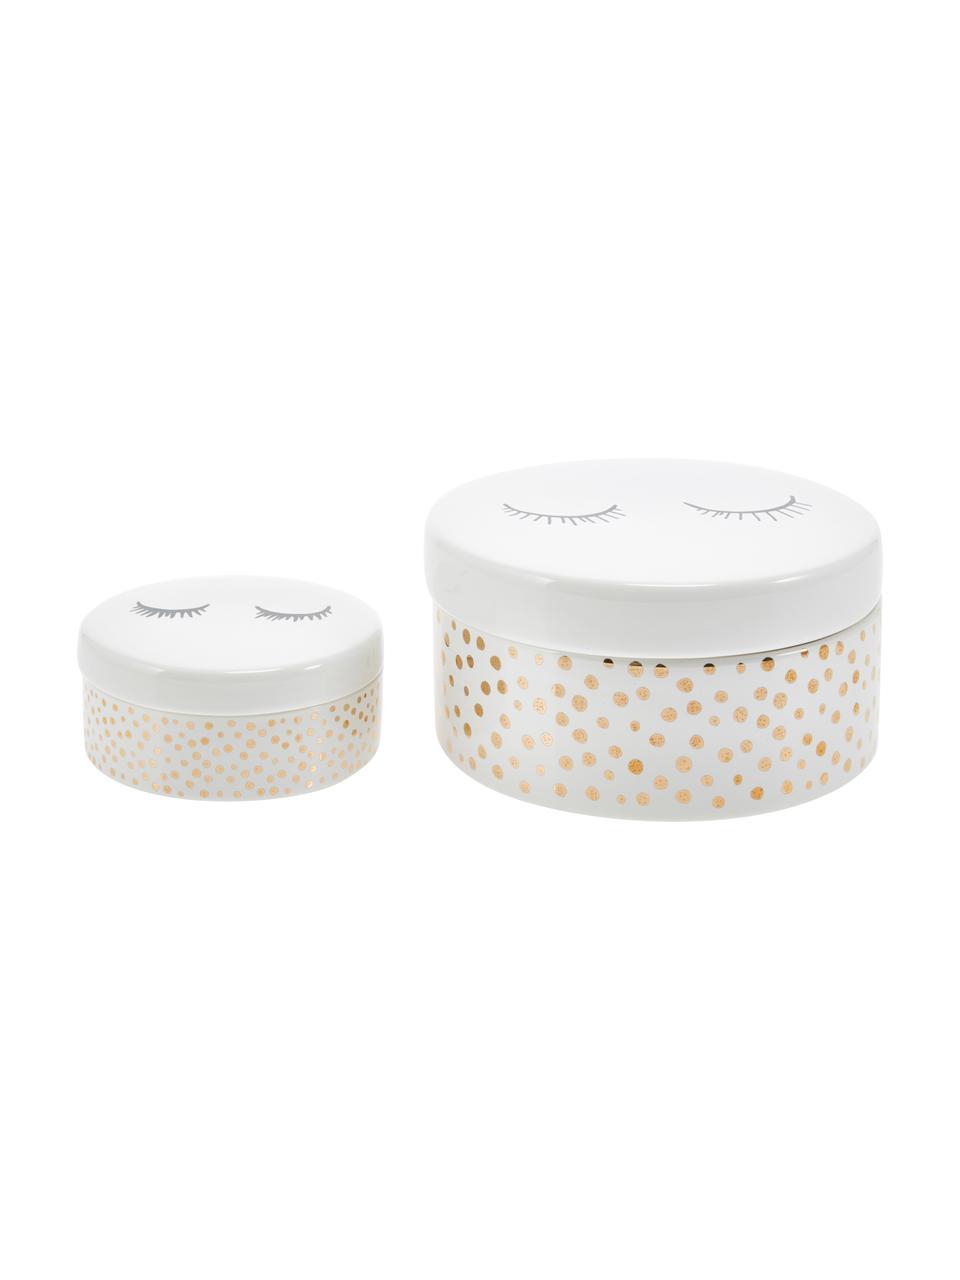 Aufbewahrungsdosen-Set Lashes, 2-tlg., Keramik, Weiß, Goldfarben, Sondergrößen